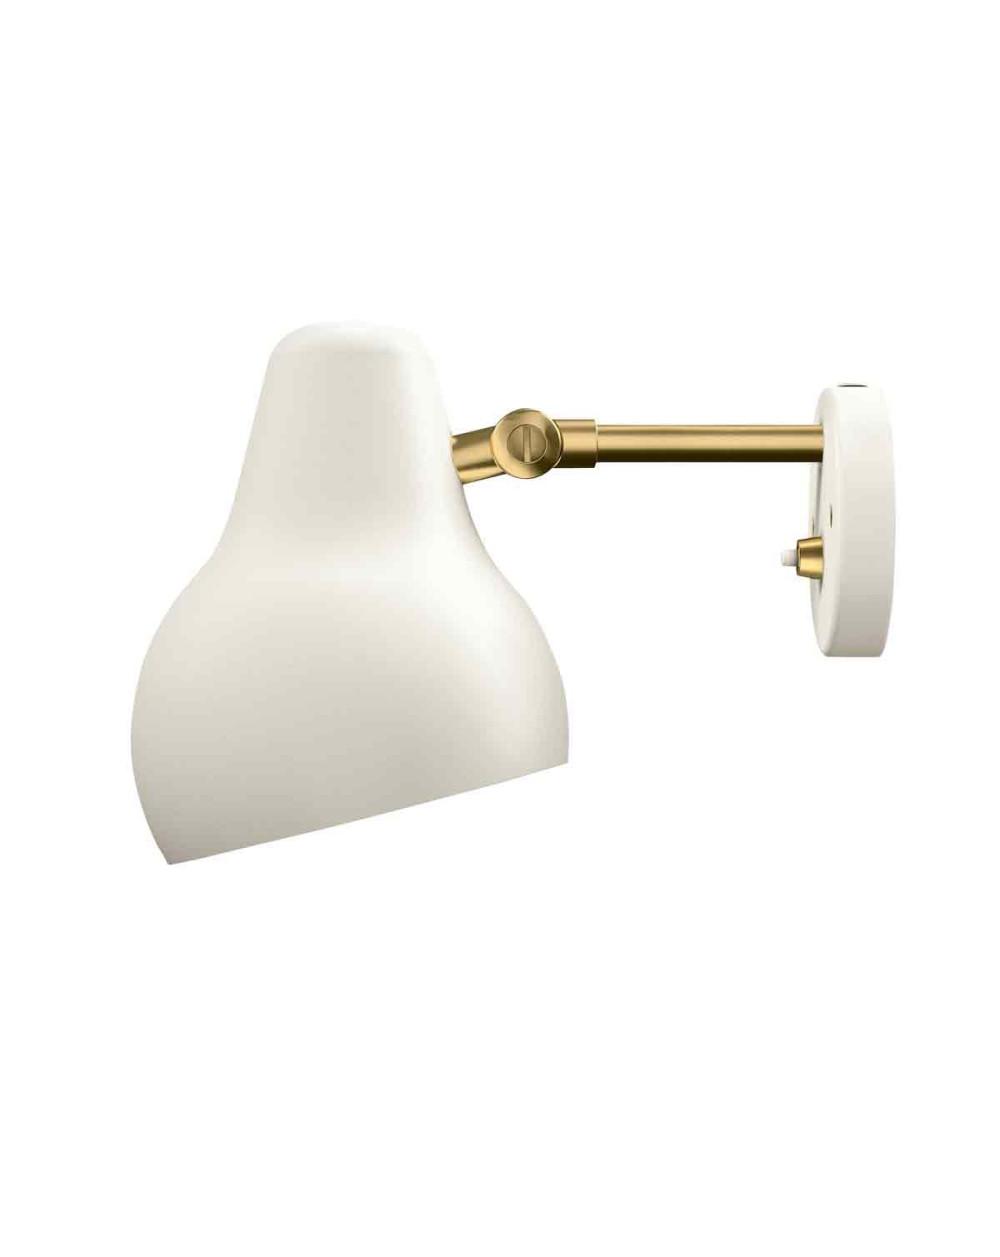 VL38 WALL LAMP Louis Poulsen